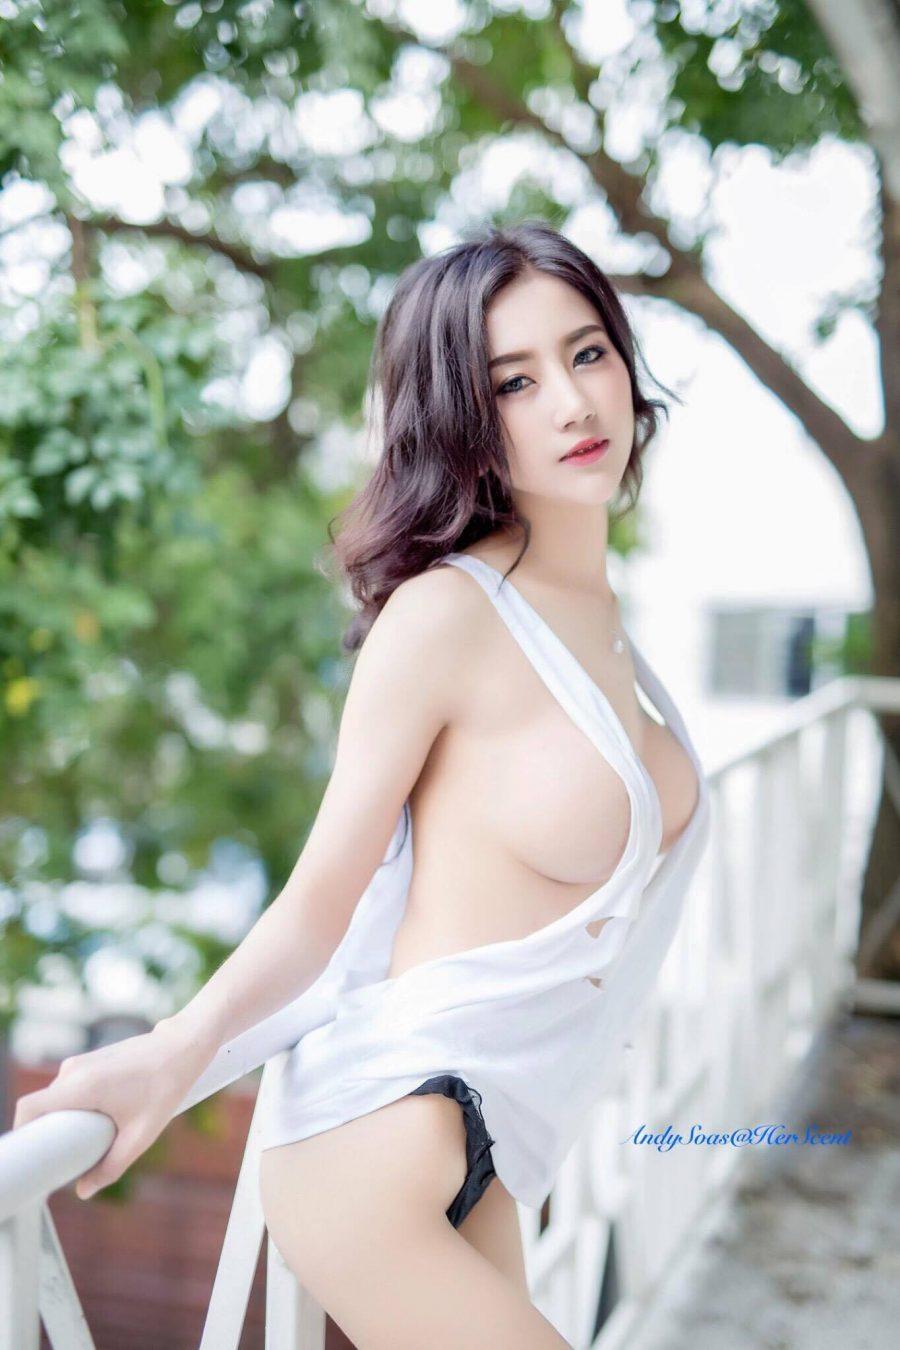 เนย ซูกูชิ งานดี งานเนียน 1 ในสาวผู้เข้าประกวด MAXIM ปีนี้